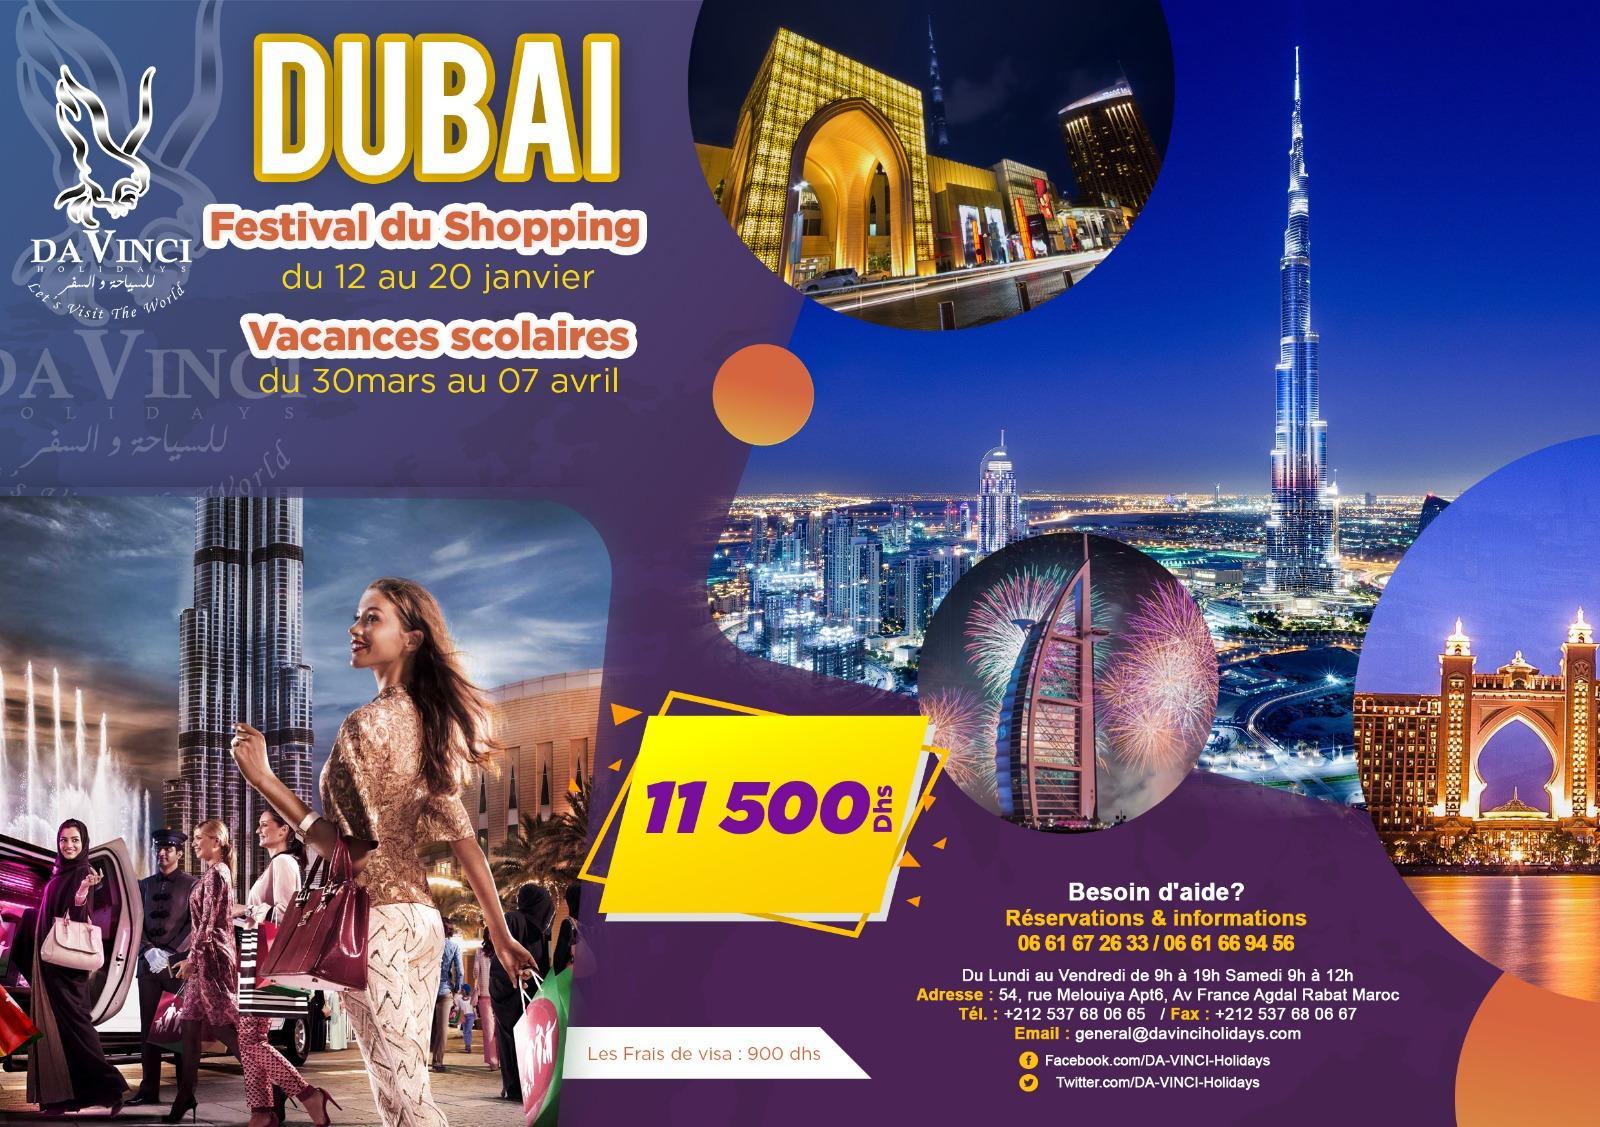 رحلة إلى دبي للاستمتاع ب مهرجان دبي للتسوق